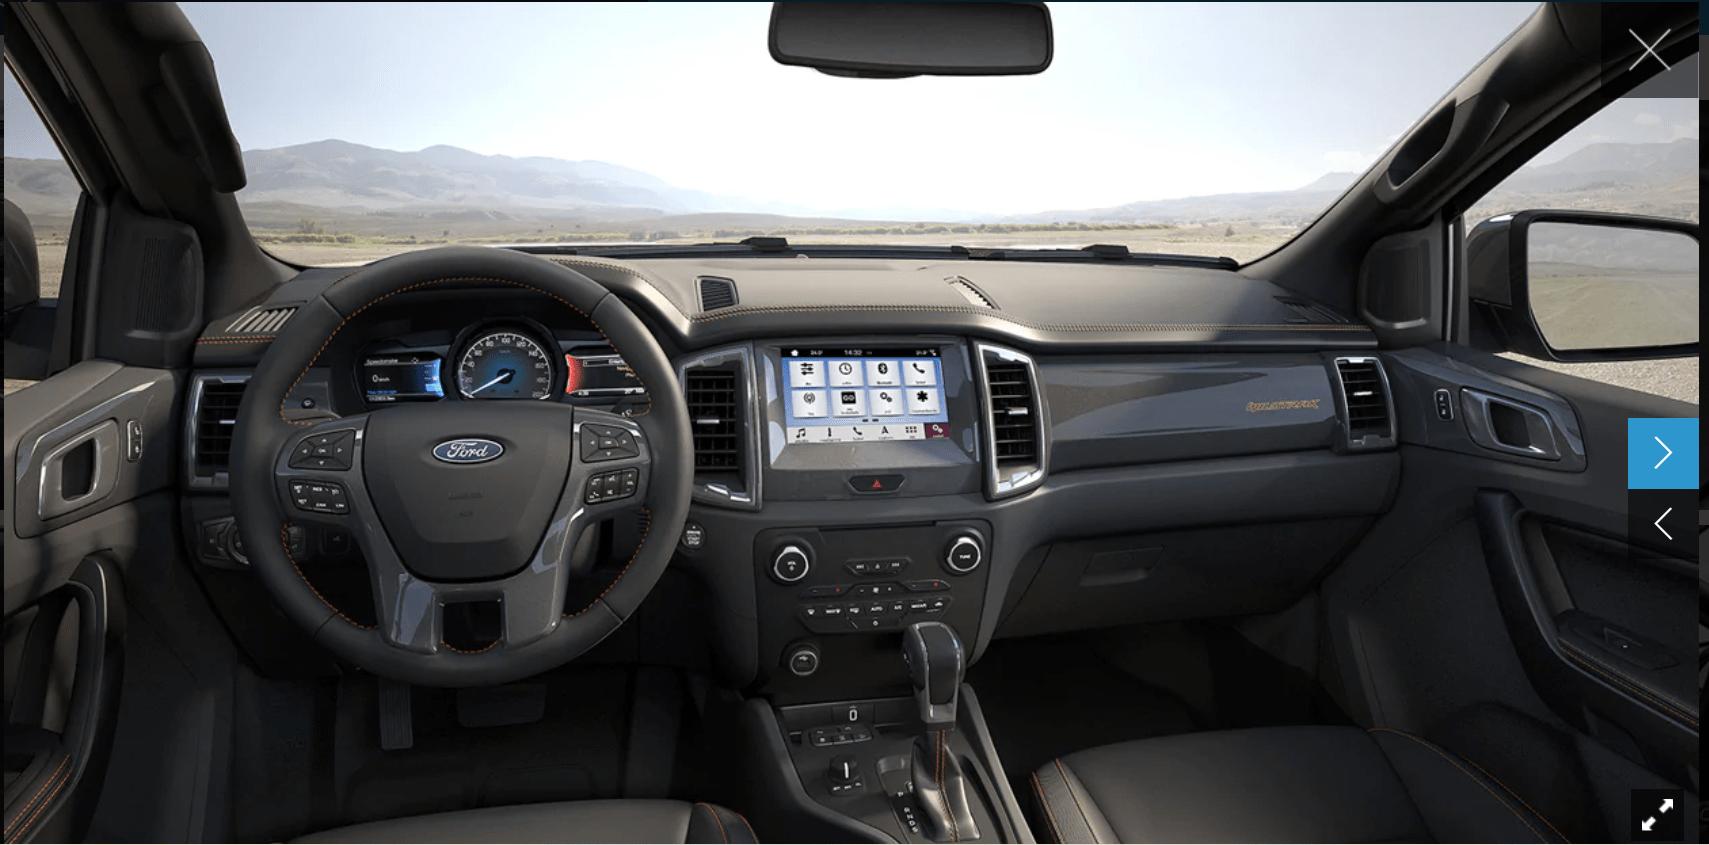 Giá lăn bánh Ford Ranger Wildtrak 4x4 2020 ở Quảng Ninh 12